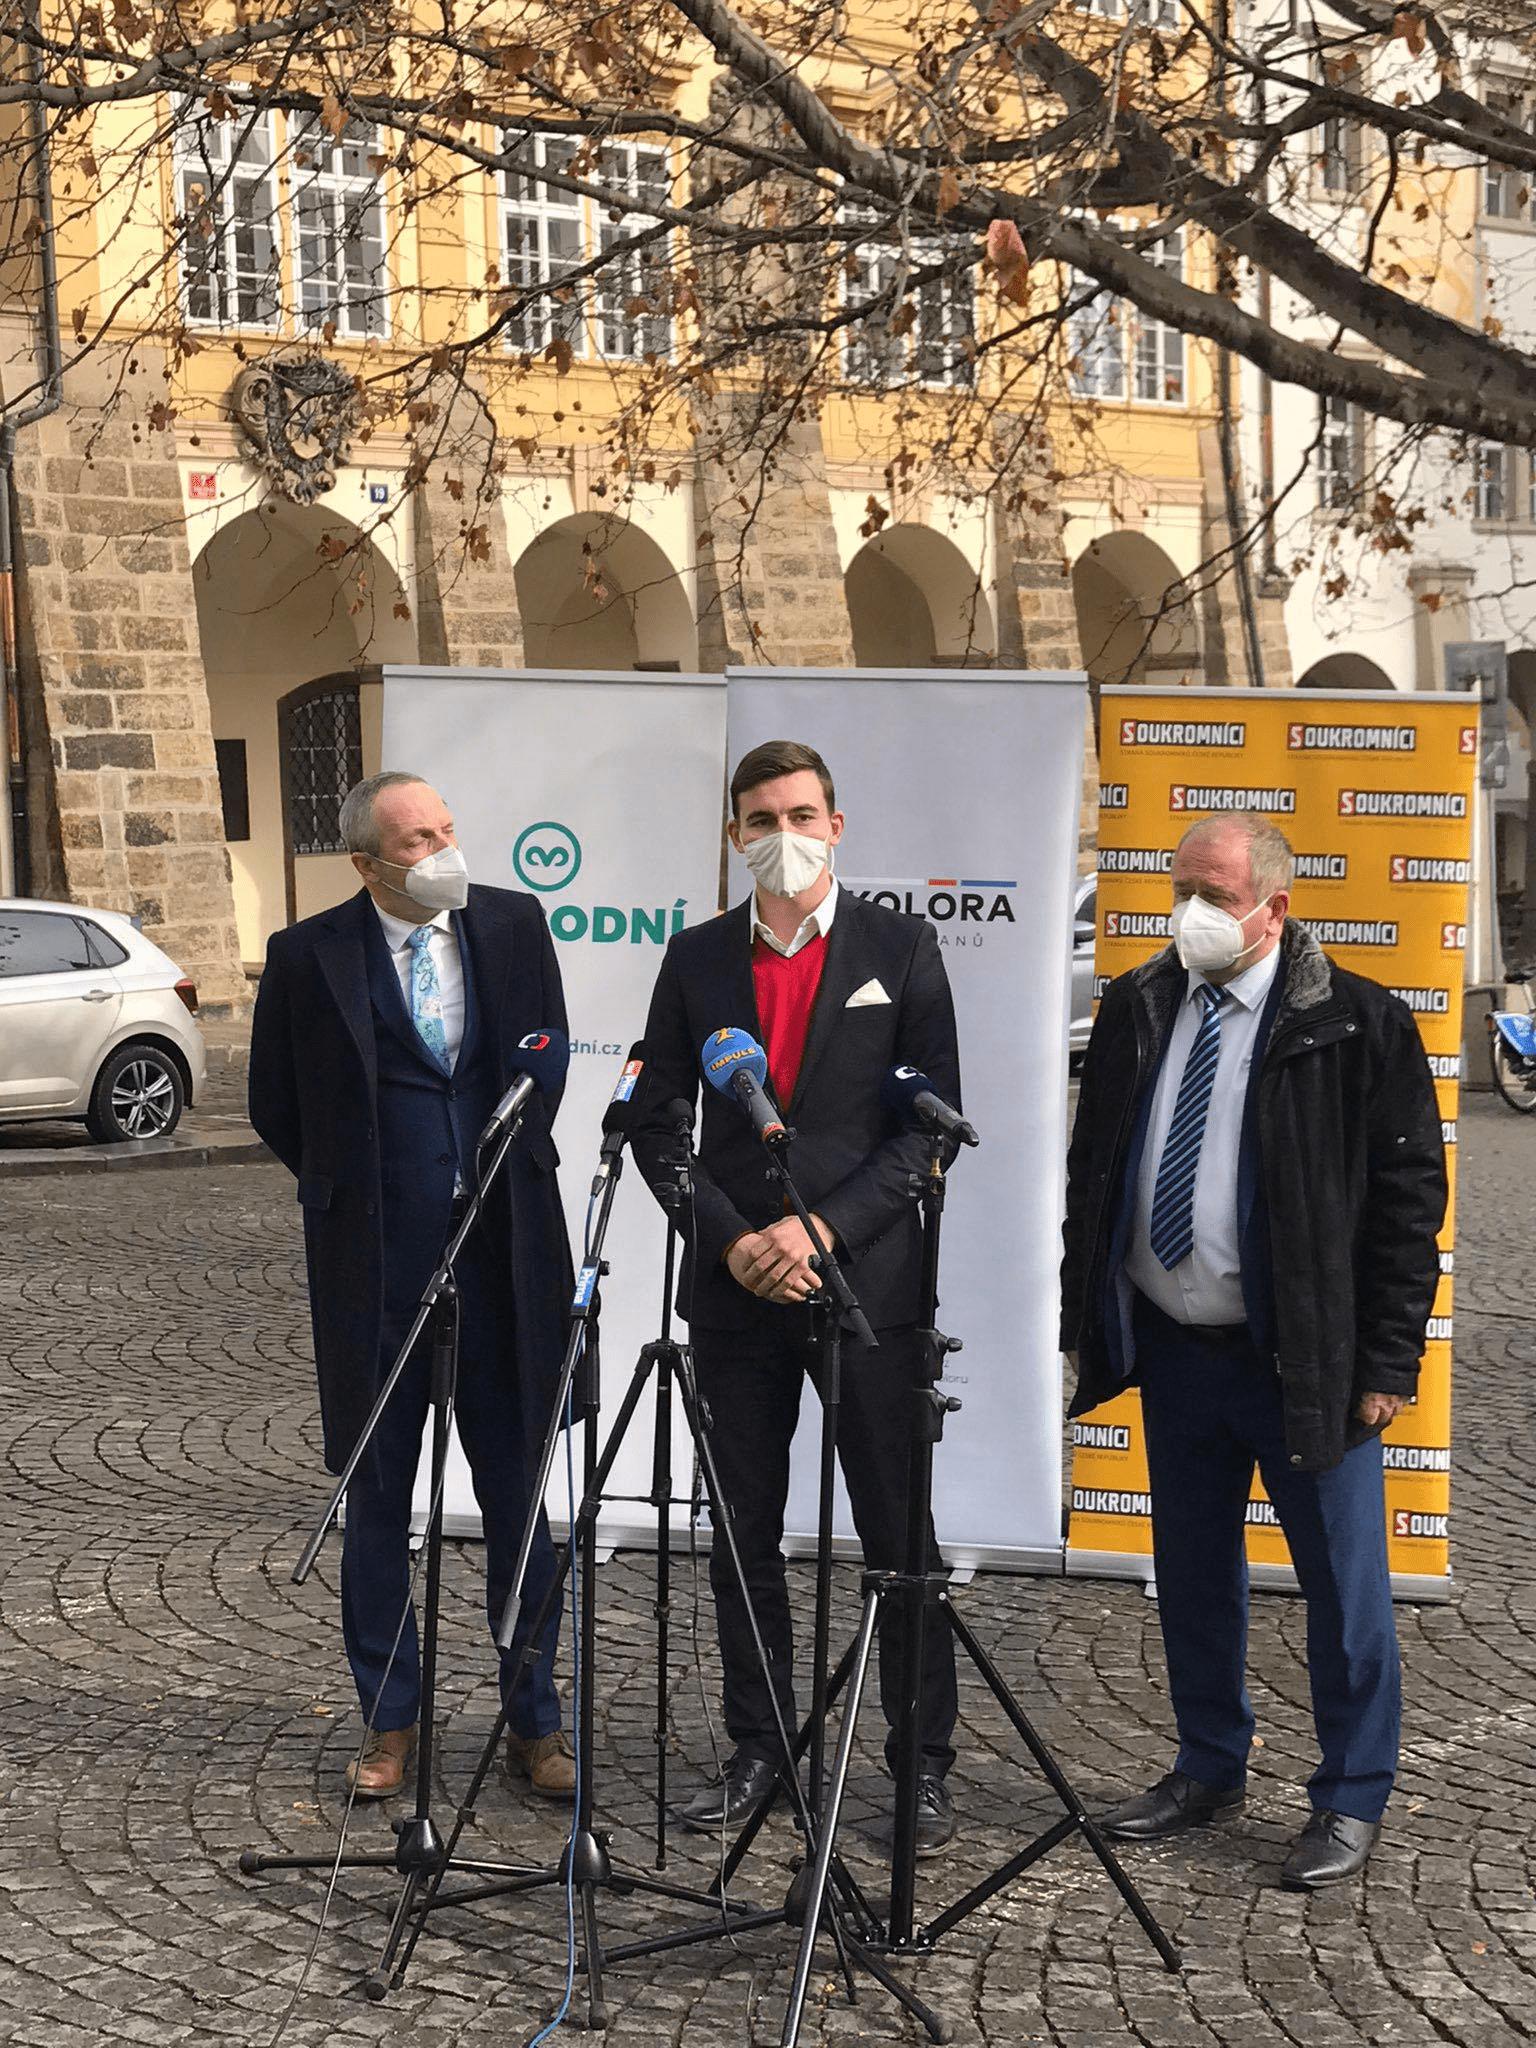 Libor Vondráček k oznámení spolupráce Trikolory, Svobodných a SoukromnÍku